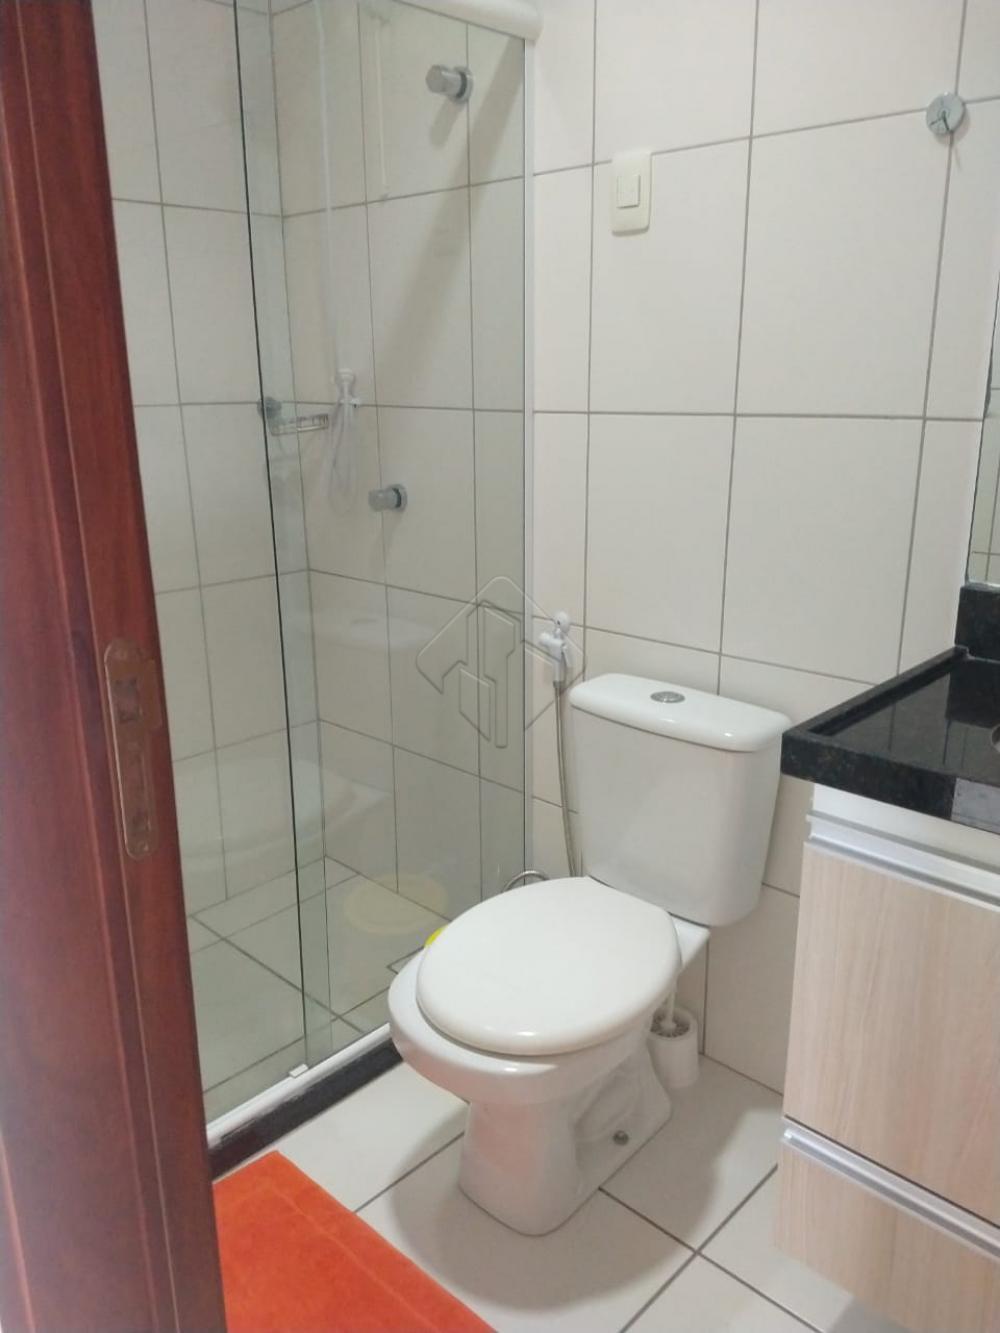 Comprar Apartamento / Padrão em João Pessoa apenas R$ 300.000,00 - Foto 2